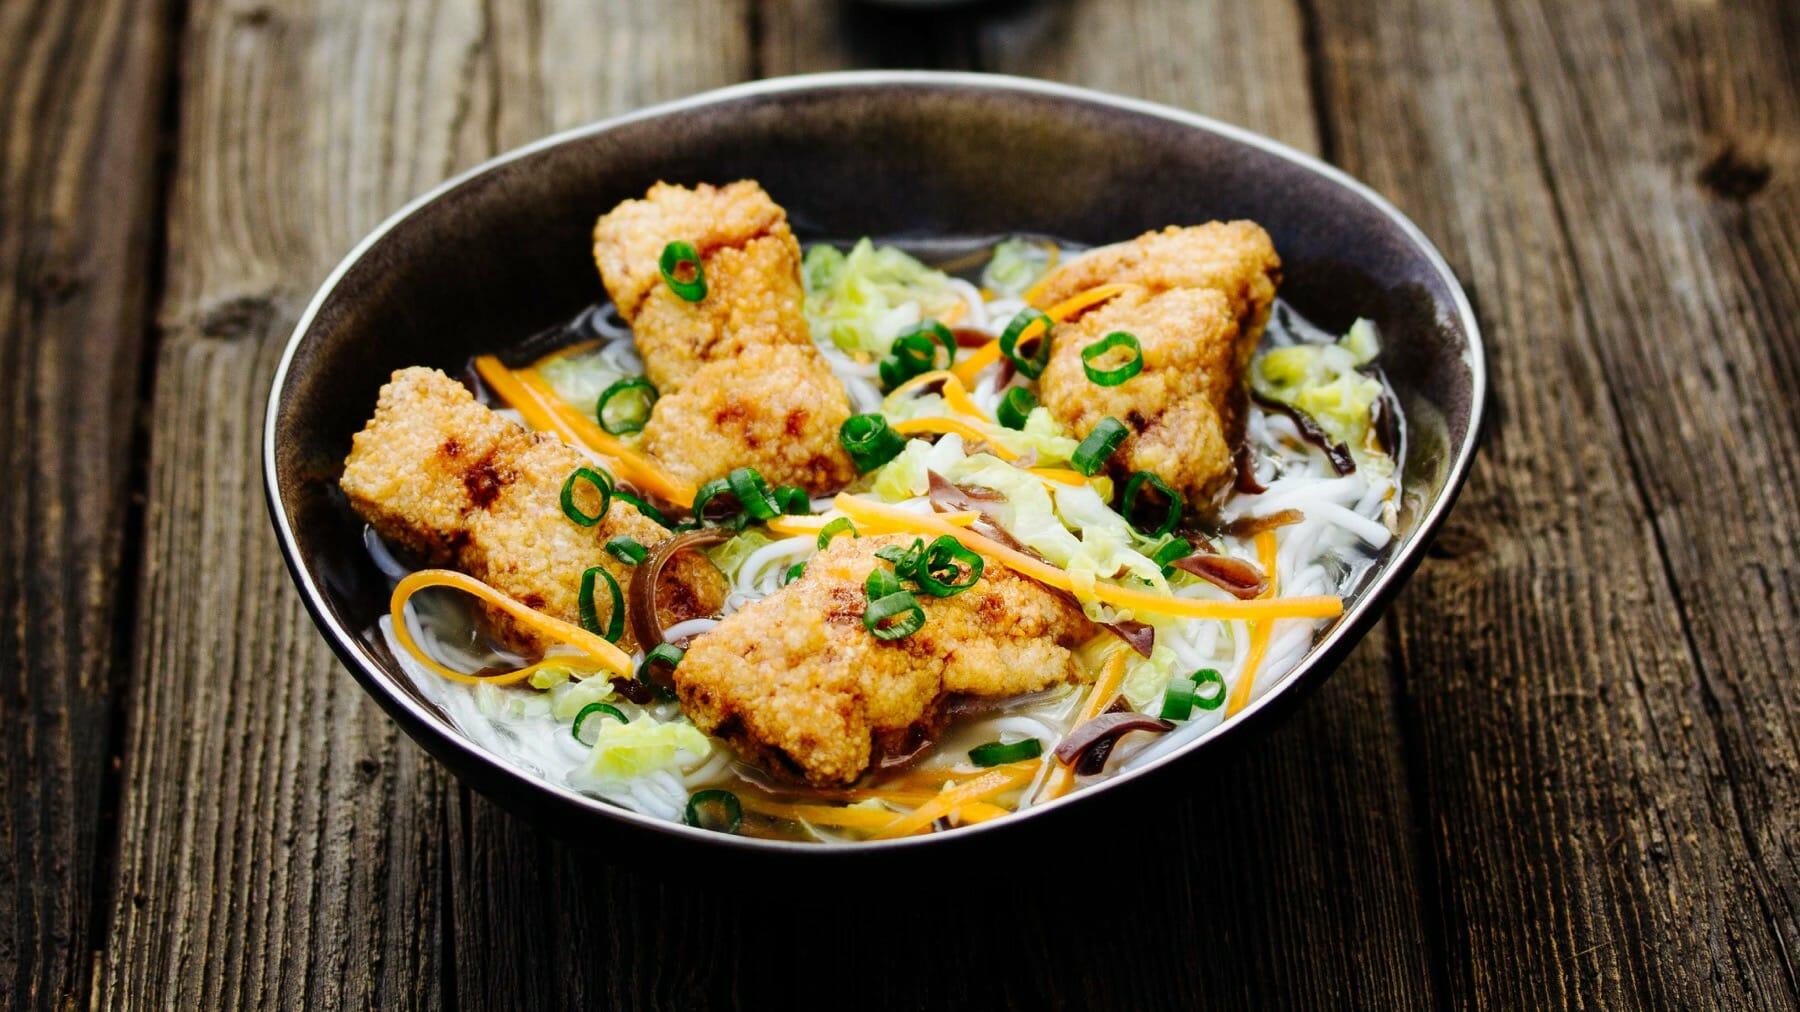 Nudelsuppe mit frittierten Makrelen - Tu Tuo Yu Geng Mi Fen